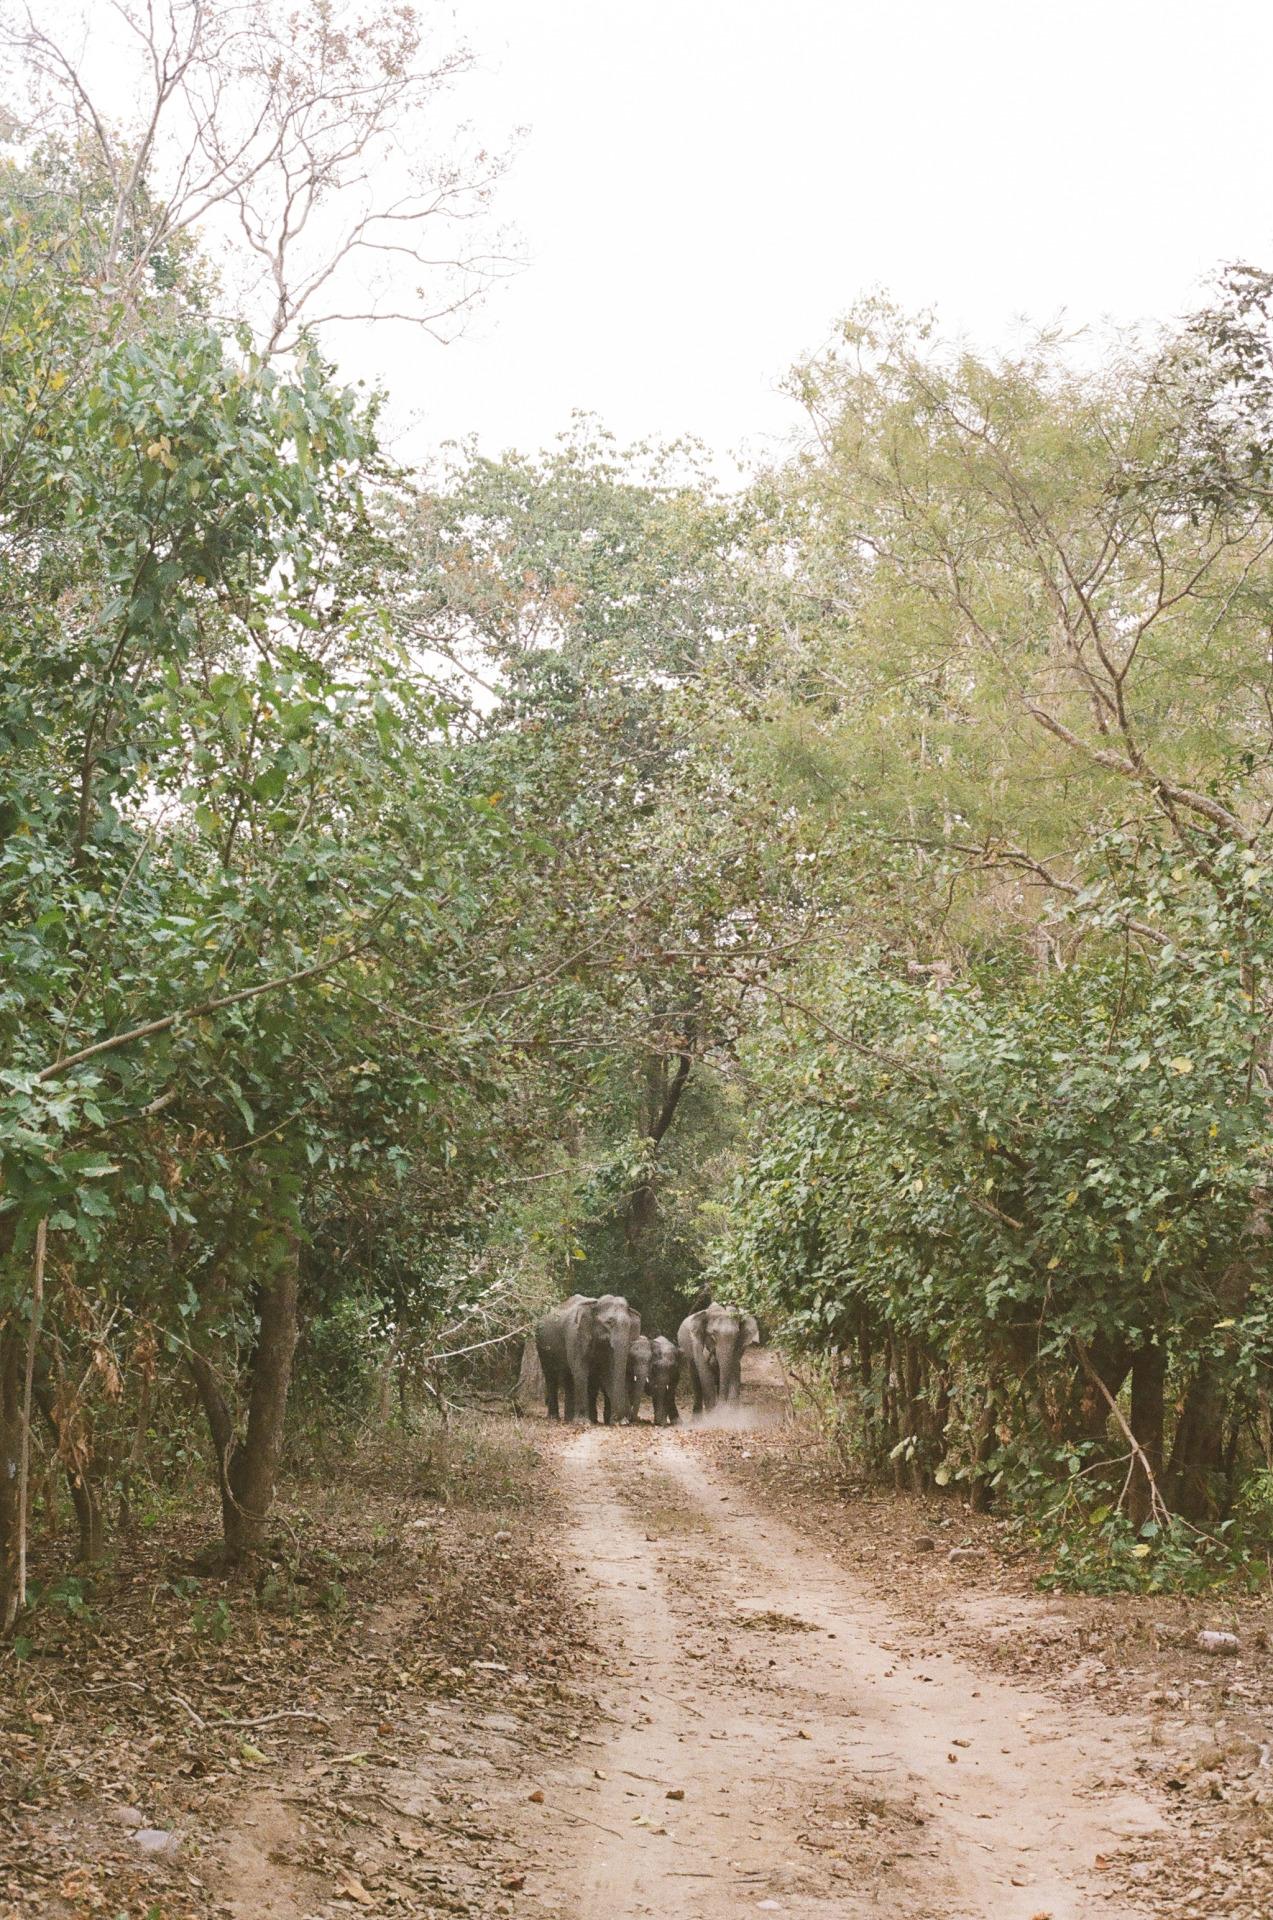 Elephant Family - Uttarakhand, India